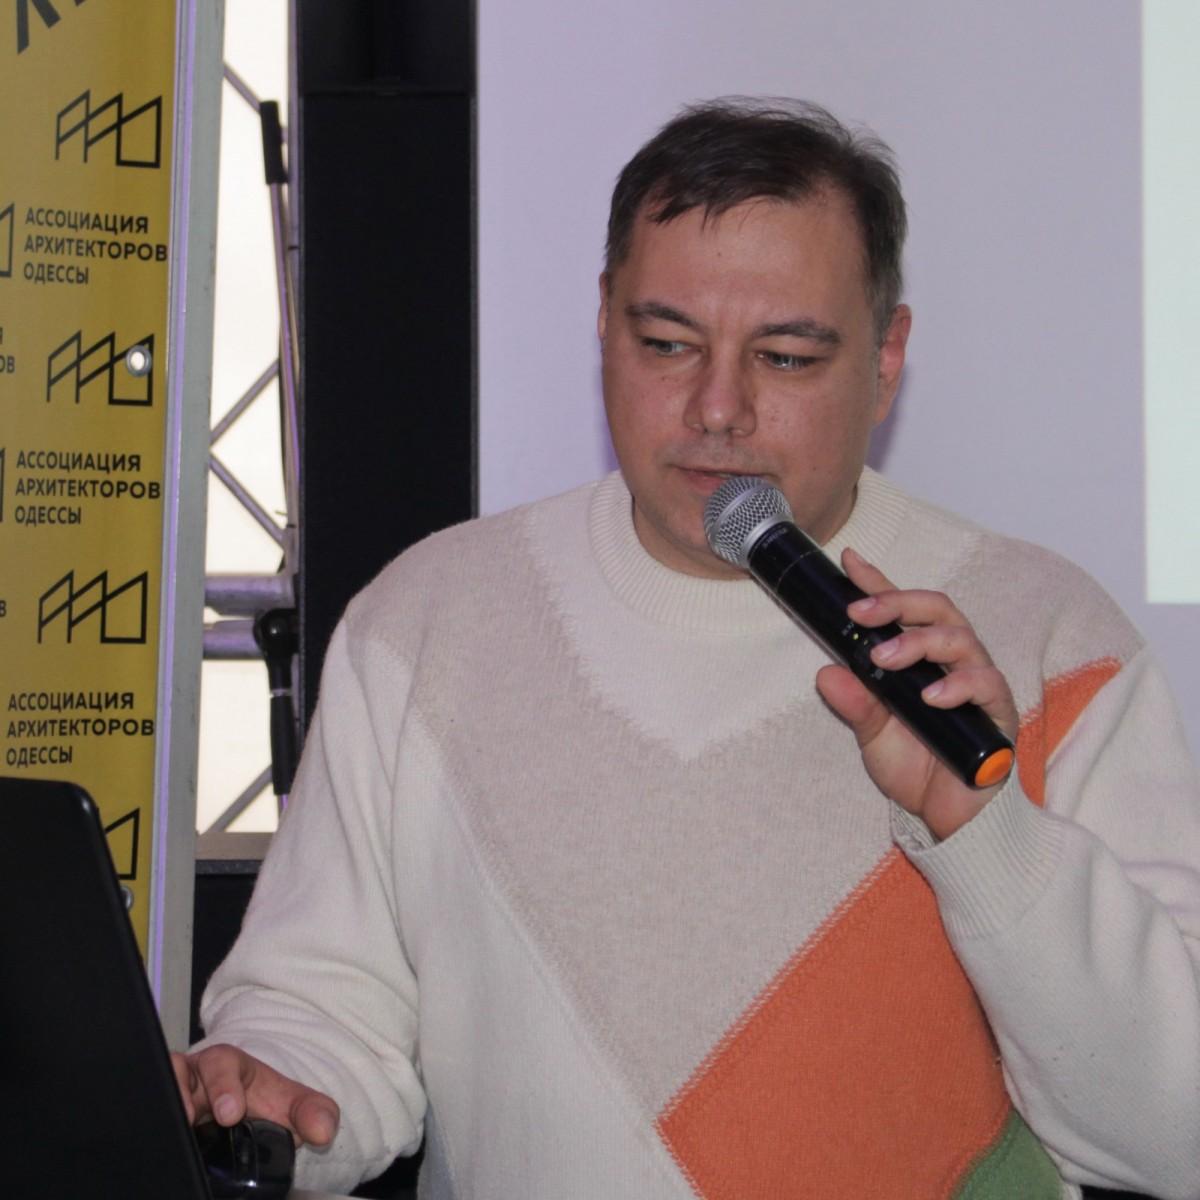 Сергей Космин, преподаватель Autodesk